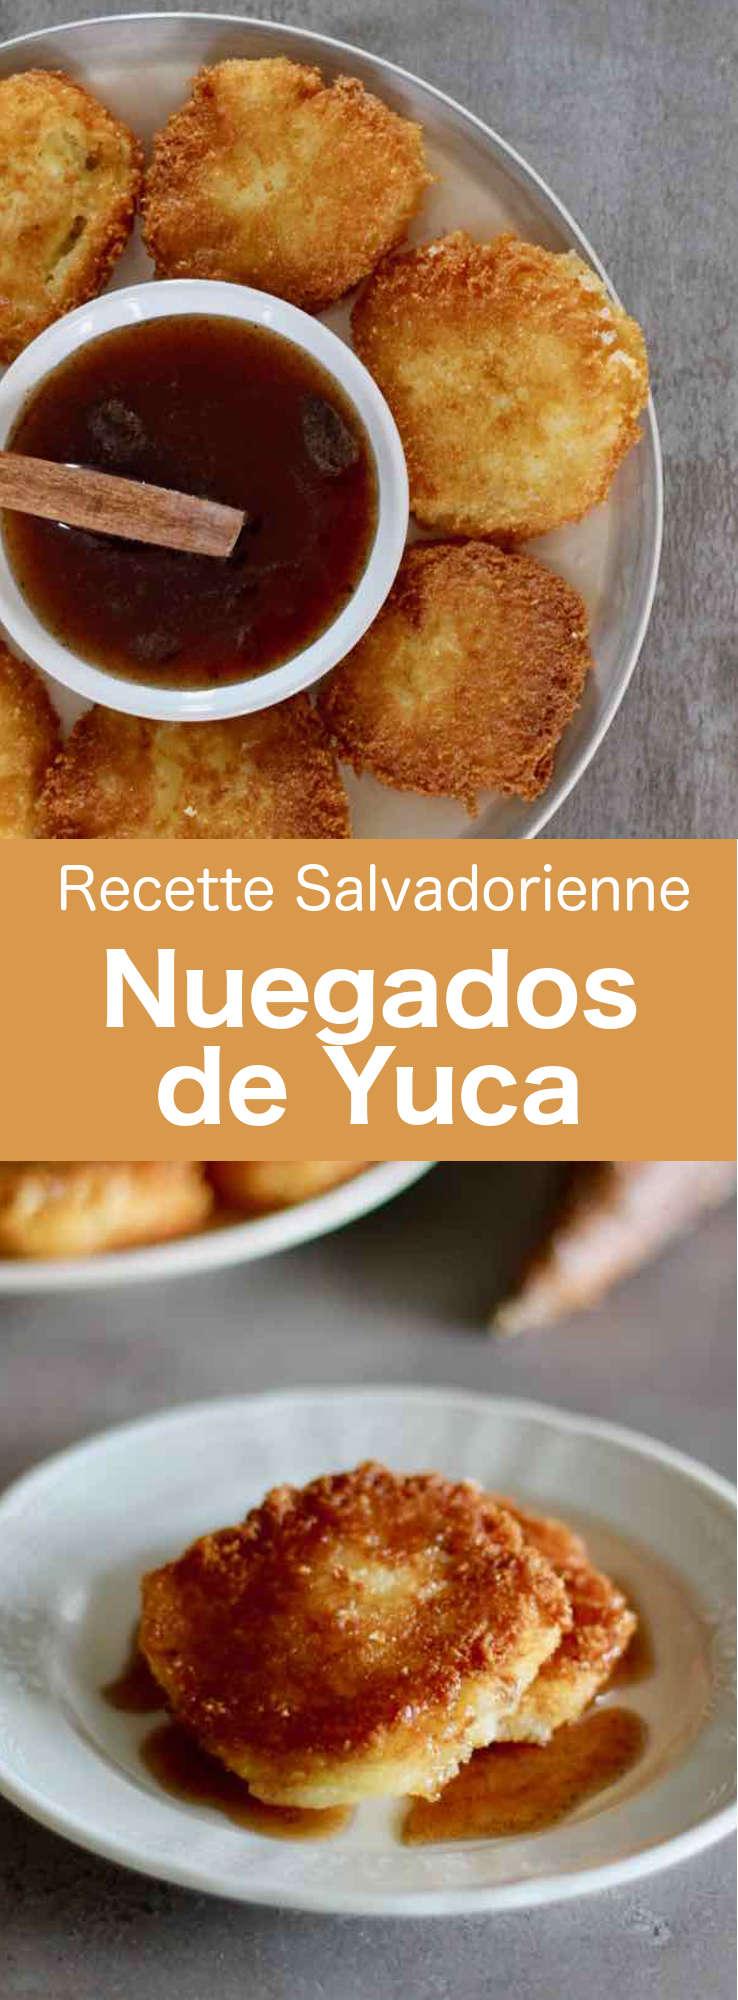 Les nuegados de manioc sont de délicieux petits beignets traditionnels du Salvador, qui sont souvent préparés pendant la période de Pâques. #Salvador #CuisineSalvadorienne #AmeriqueCentrale #RecetteDePaques #Paques #CuisineDuMonde #196flavors